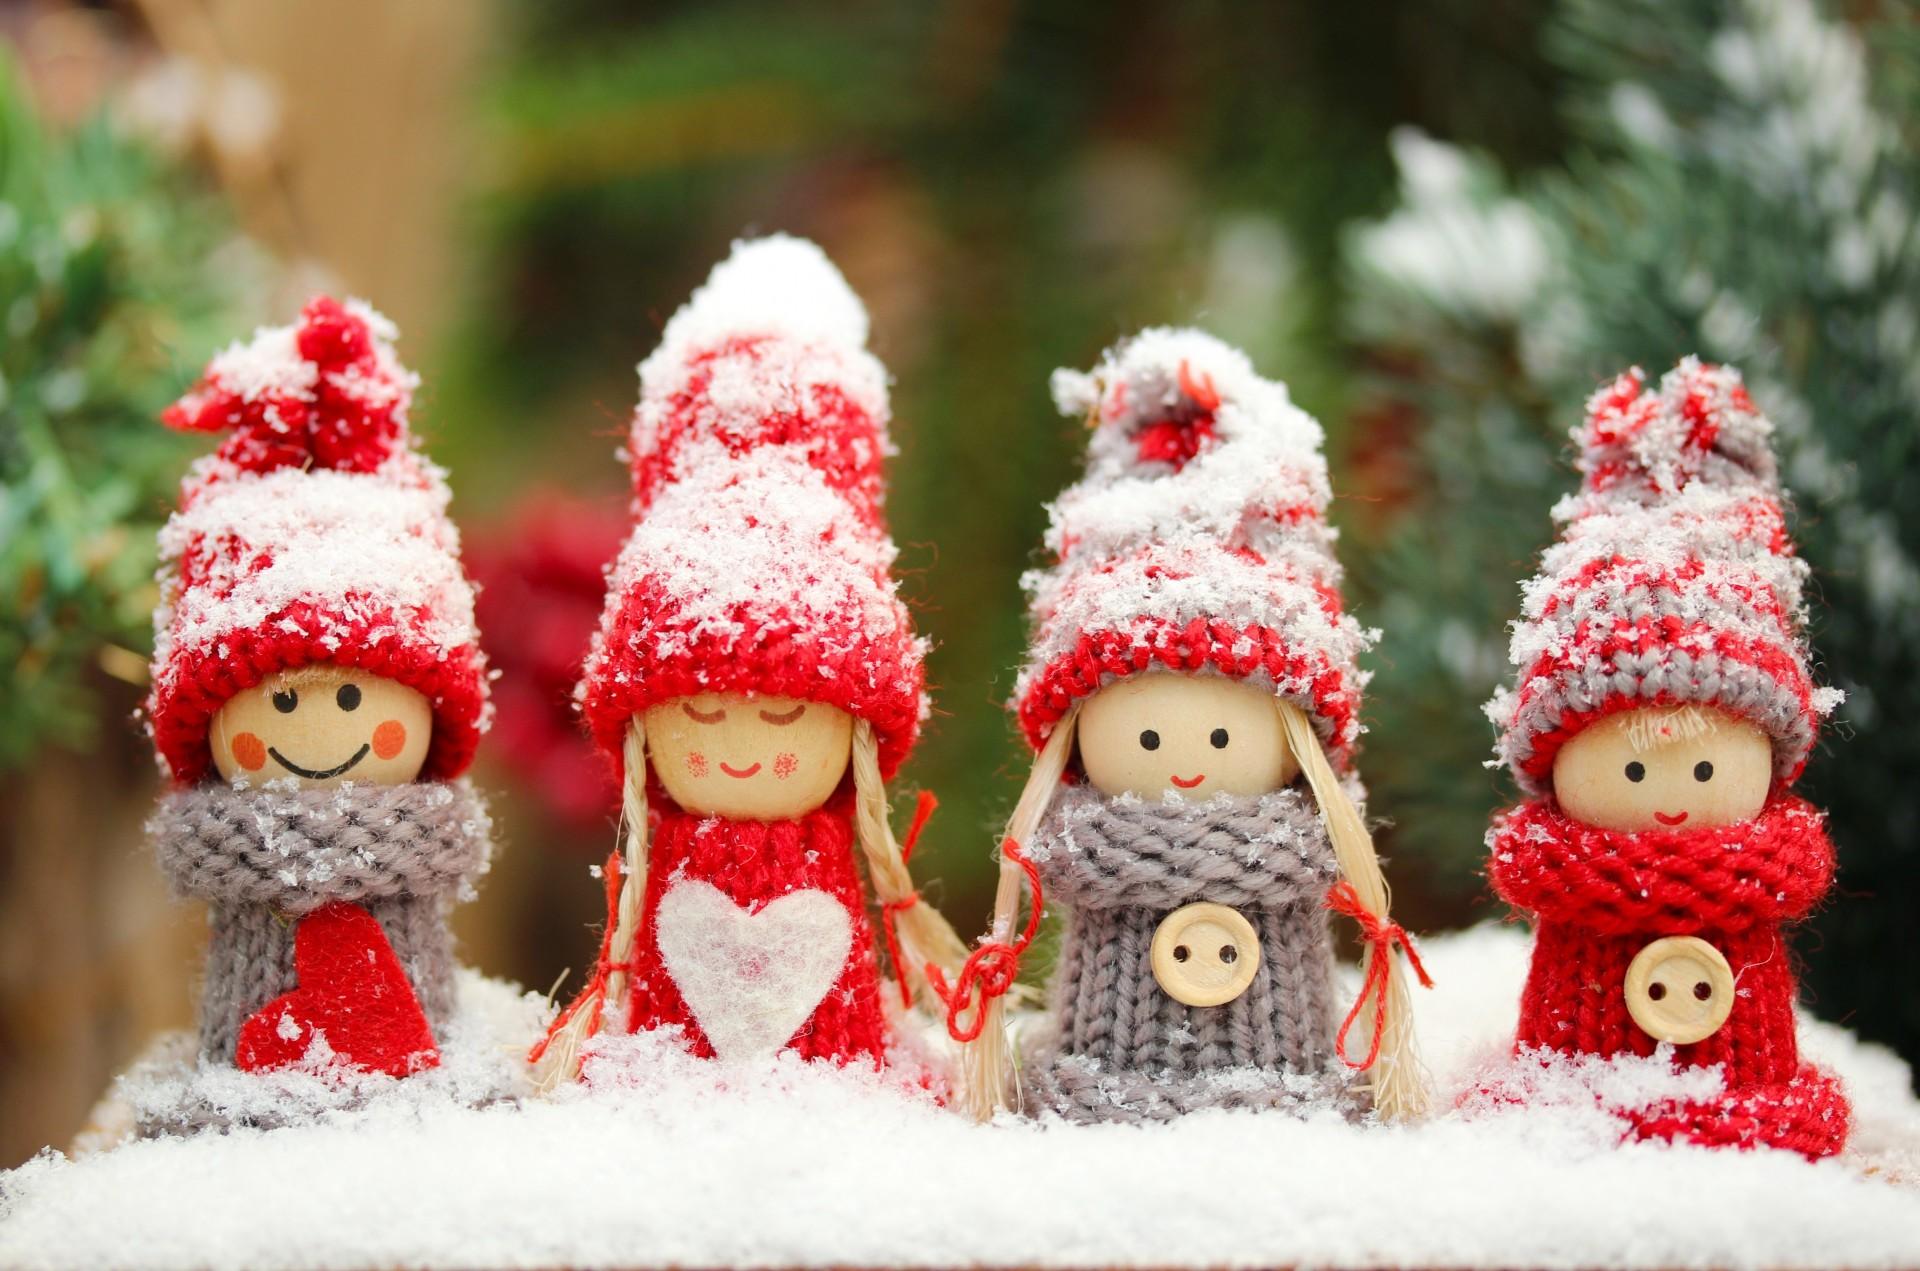 Фото игрушек к новому году своими руками